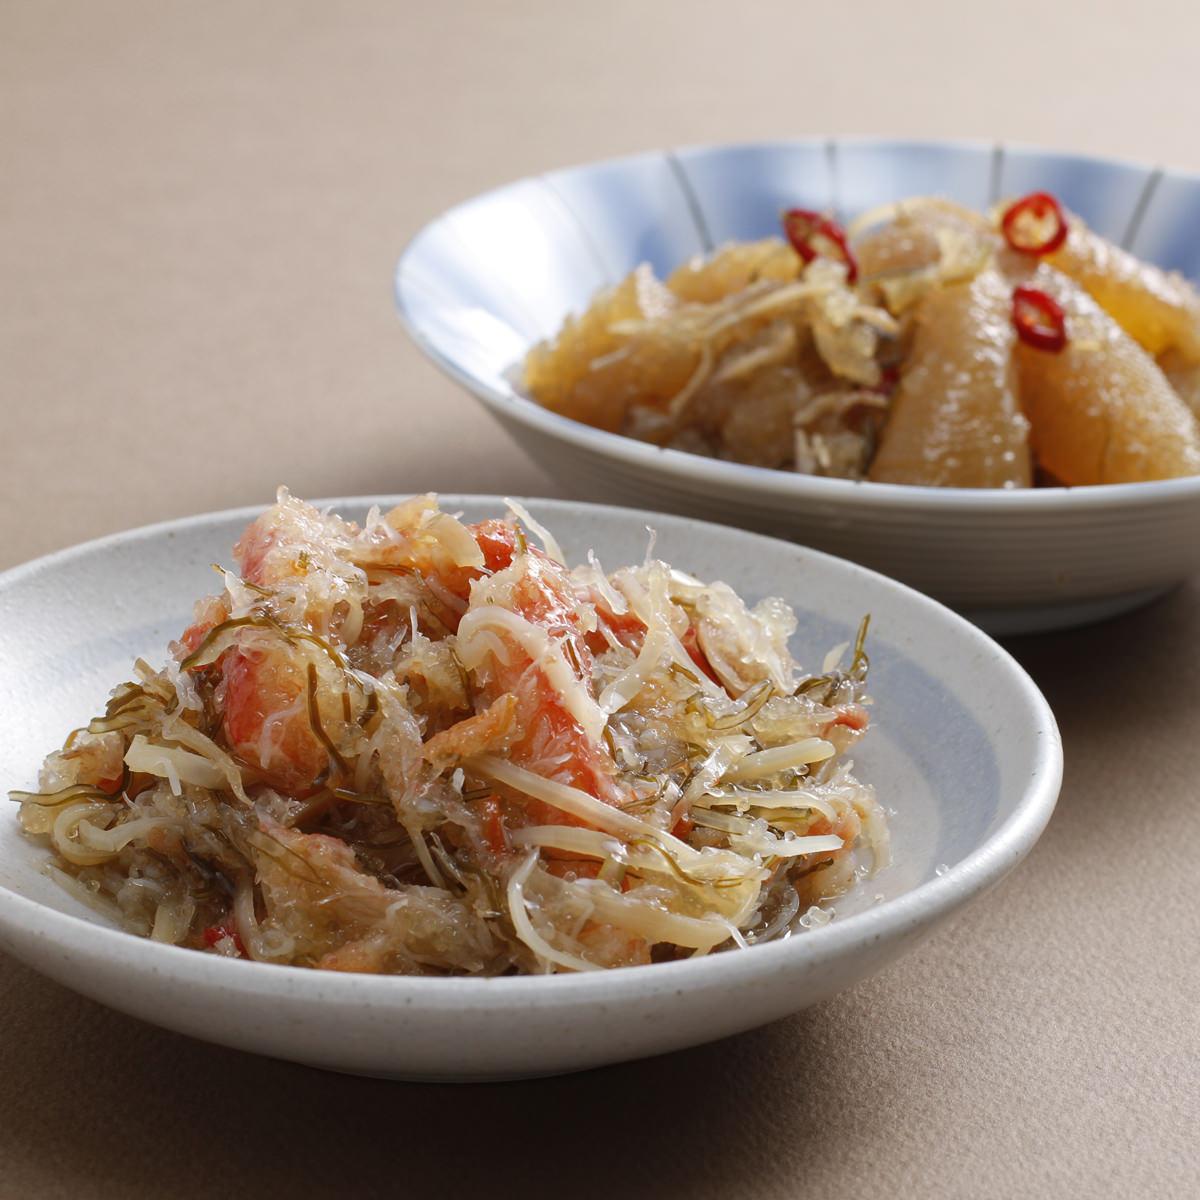 贅沢松前漬けセット 〔数の子松前漬け350g、かに入松前漬け300g〕 北海道 海鮮惣菜